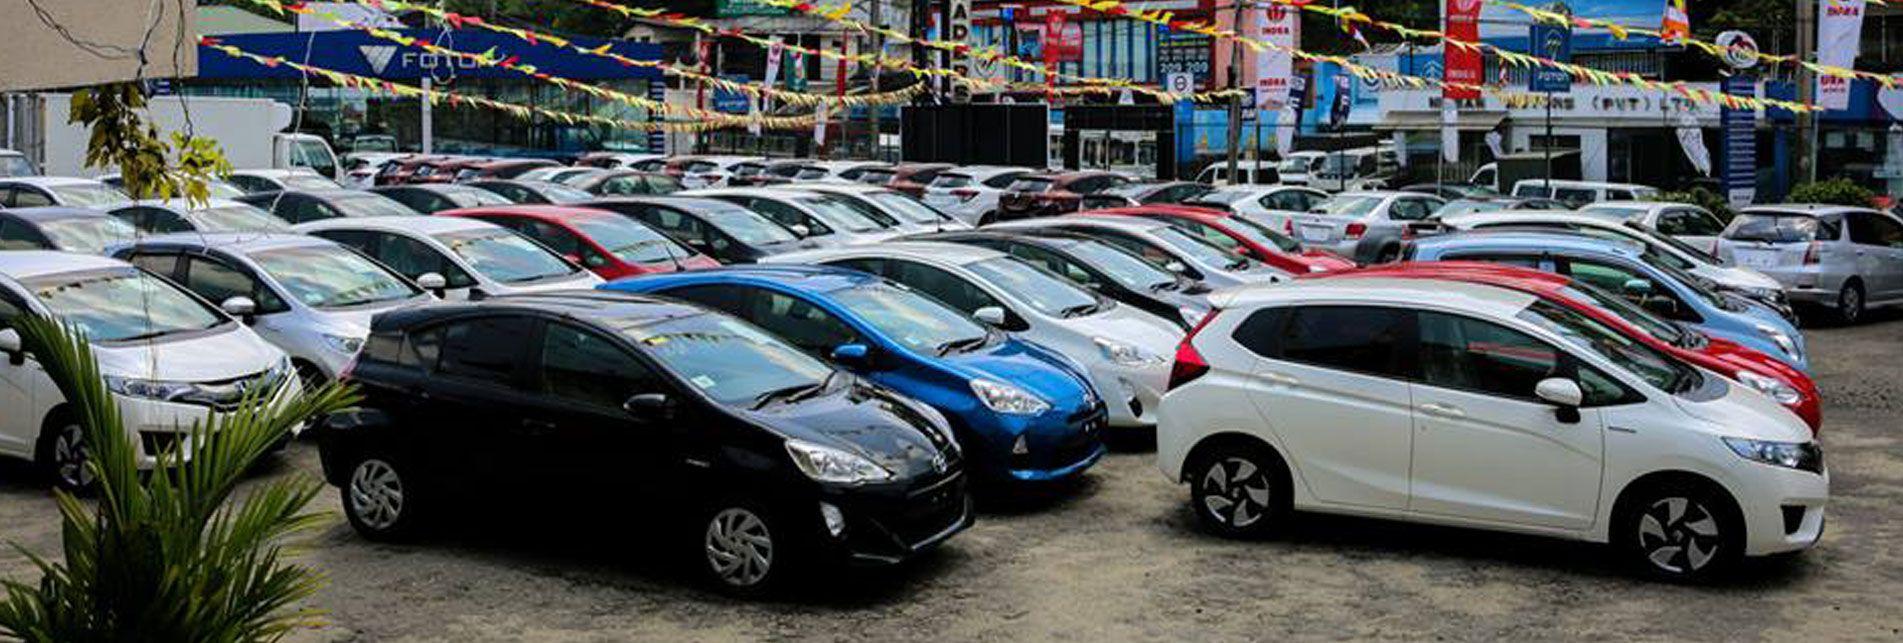 Car Sale In Sri Lanka Indra Traders